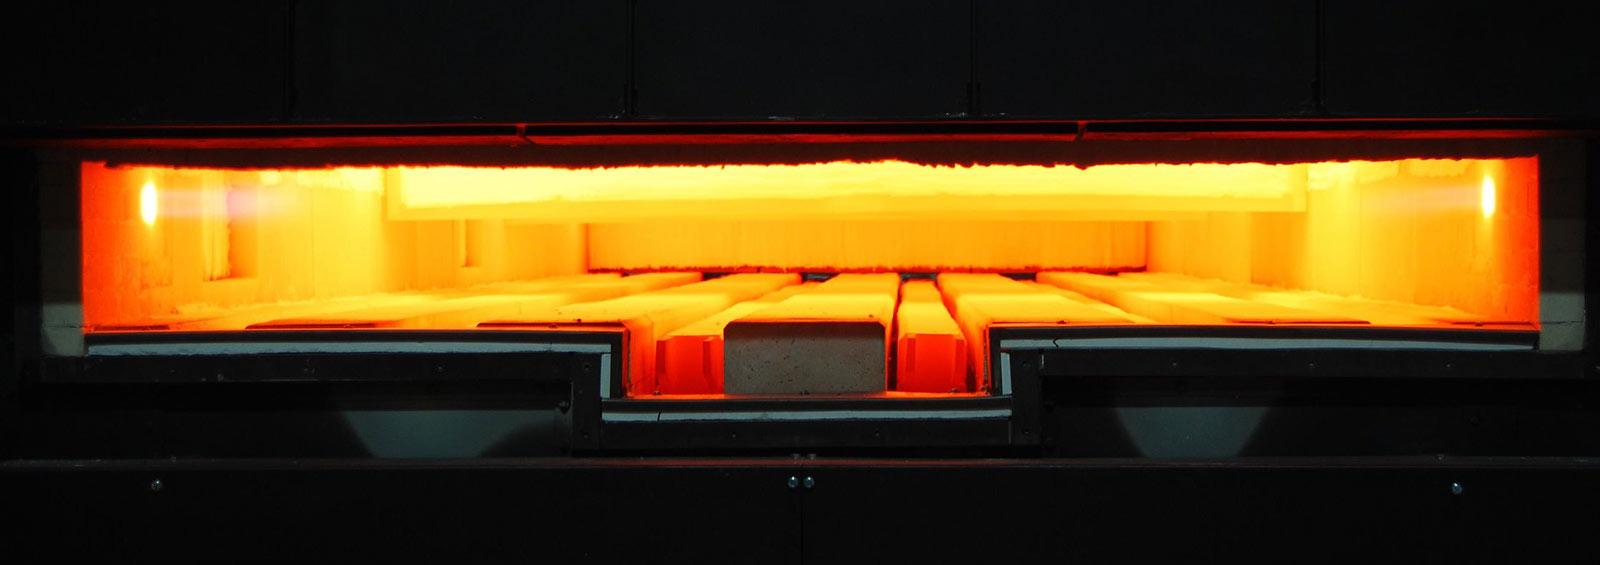 چهاردهمین نمایشگاه بین المللی صنایع فولاد ، معادن ، فلزی ، ریخته گری ، متالوژی و تجهیزات وابسته تبریز